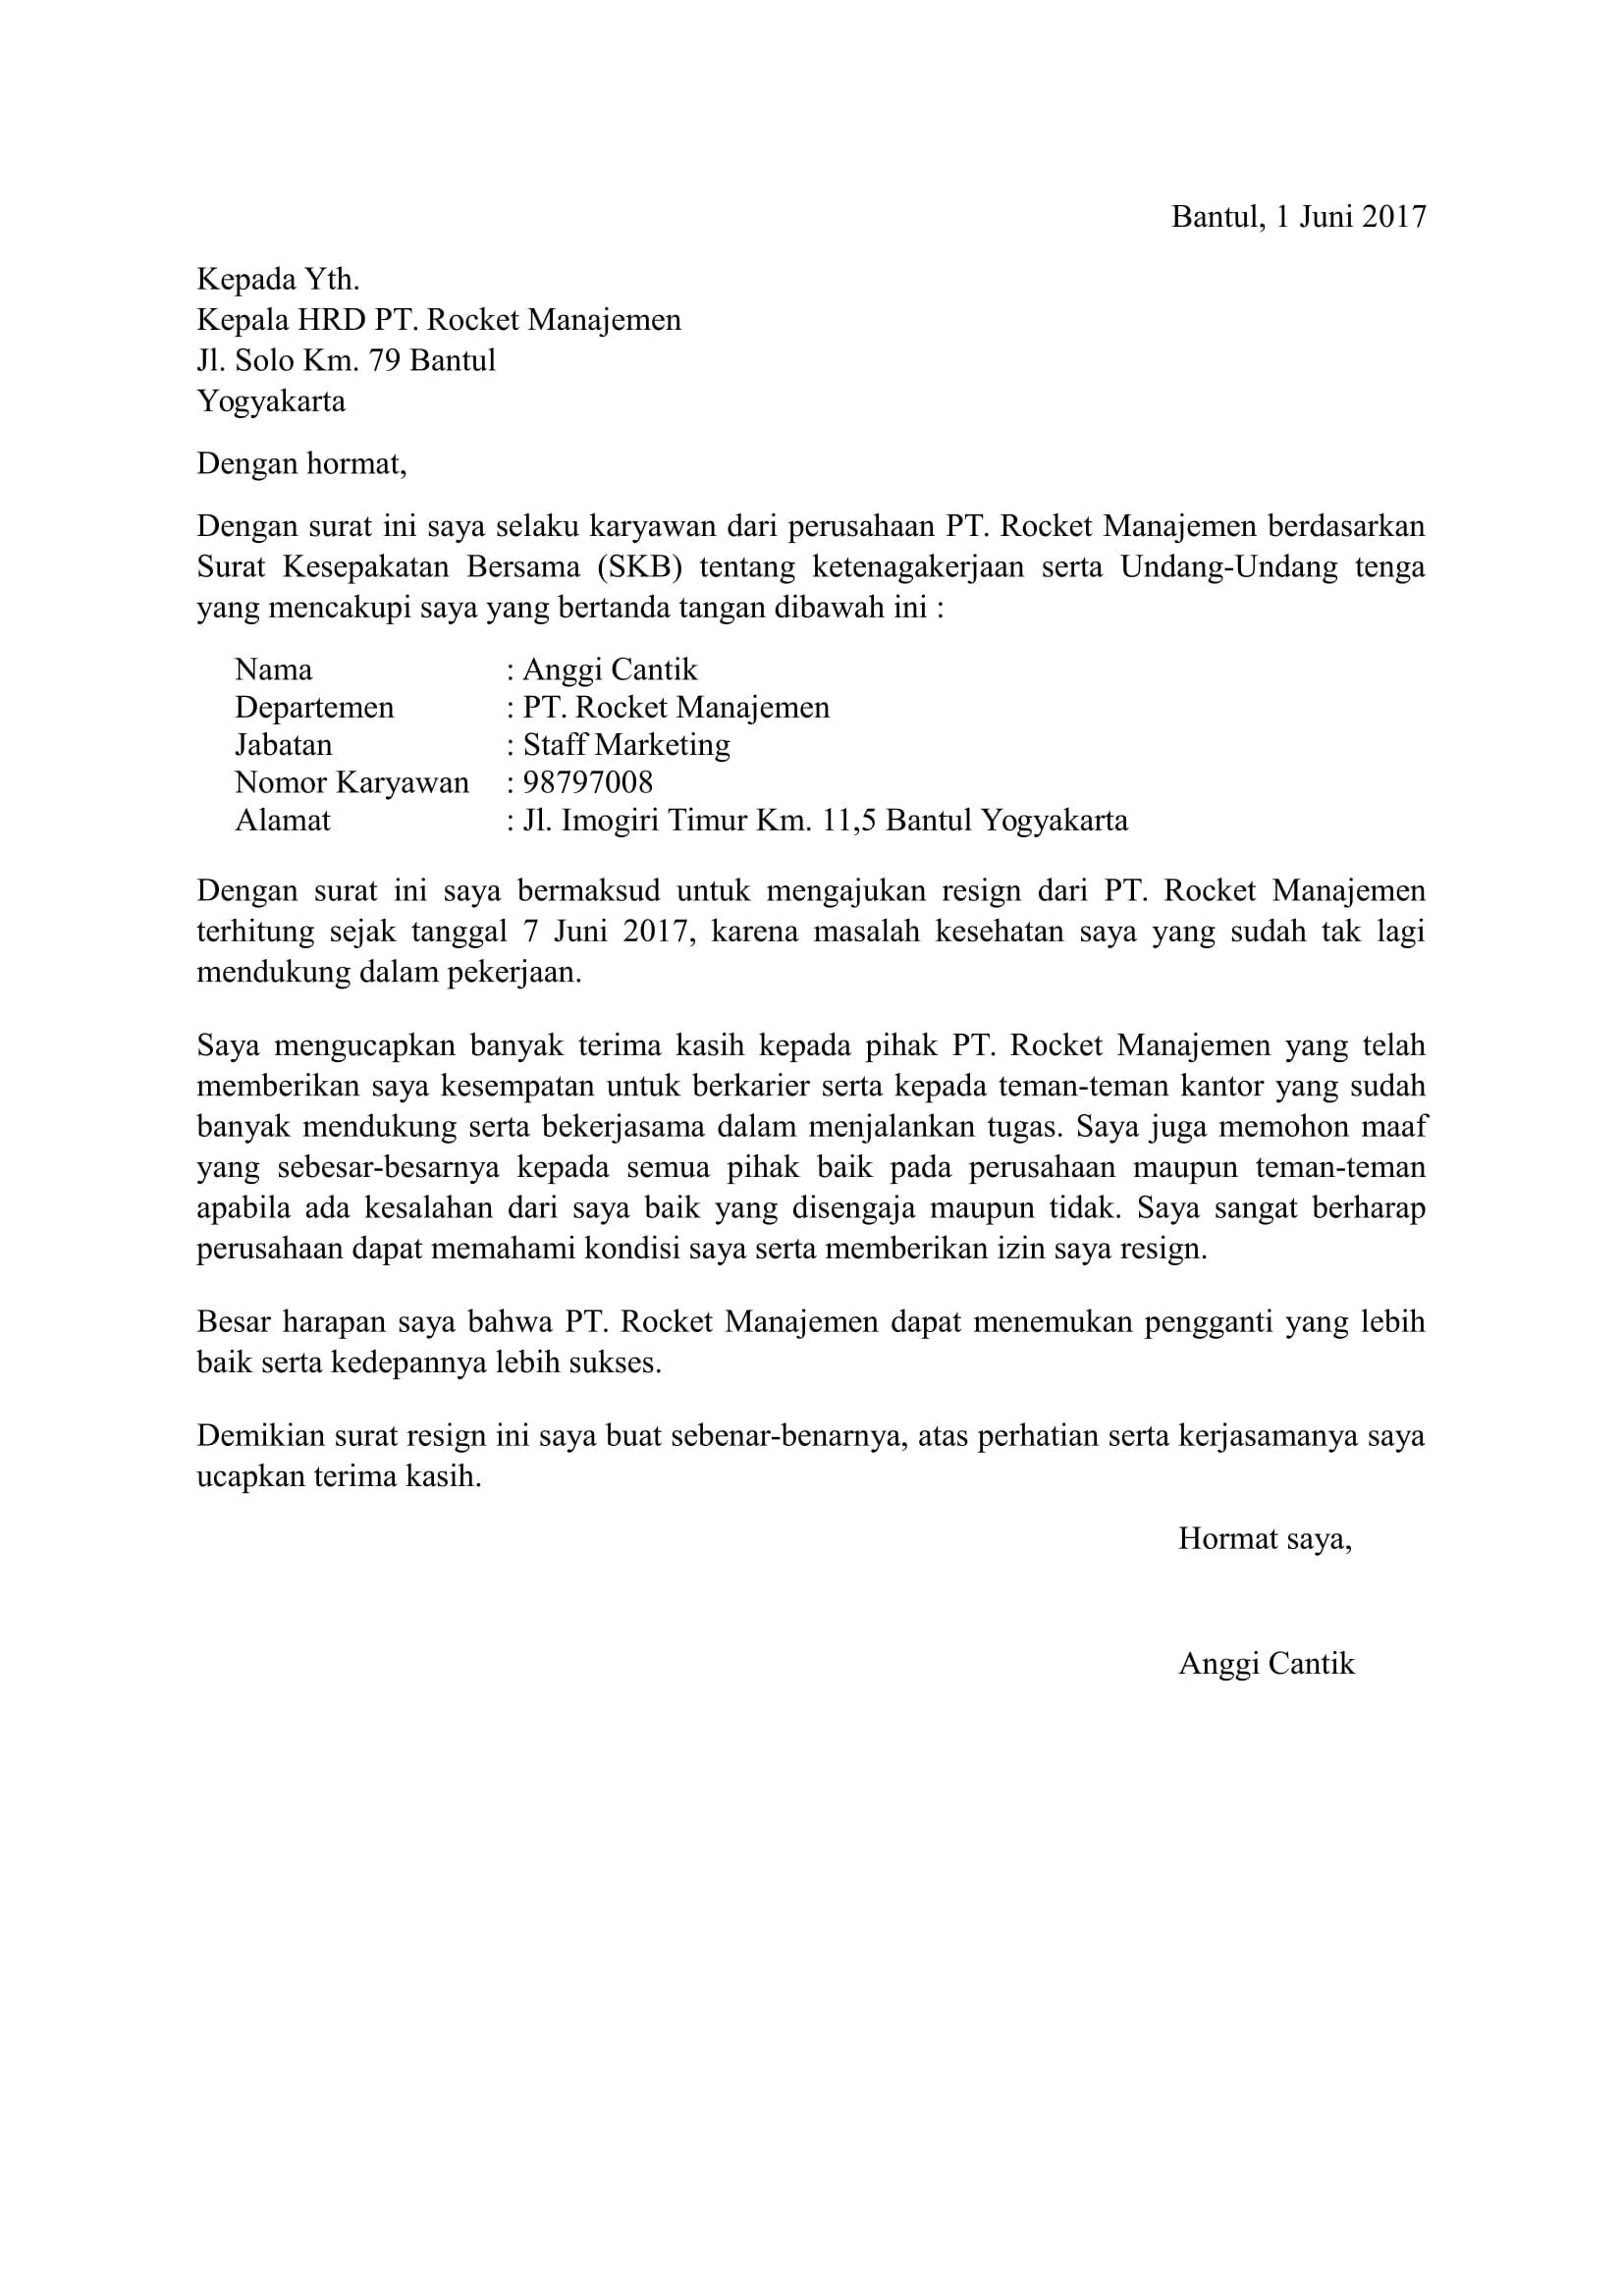 Download 11 Contoh Surat Pengunduran Diri Atau Resign Doc